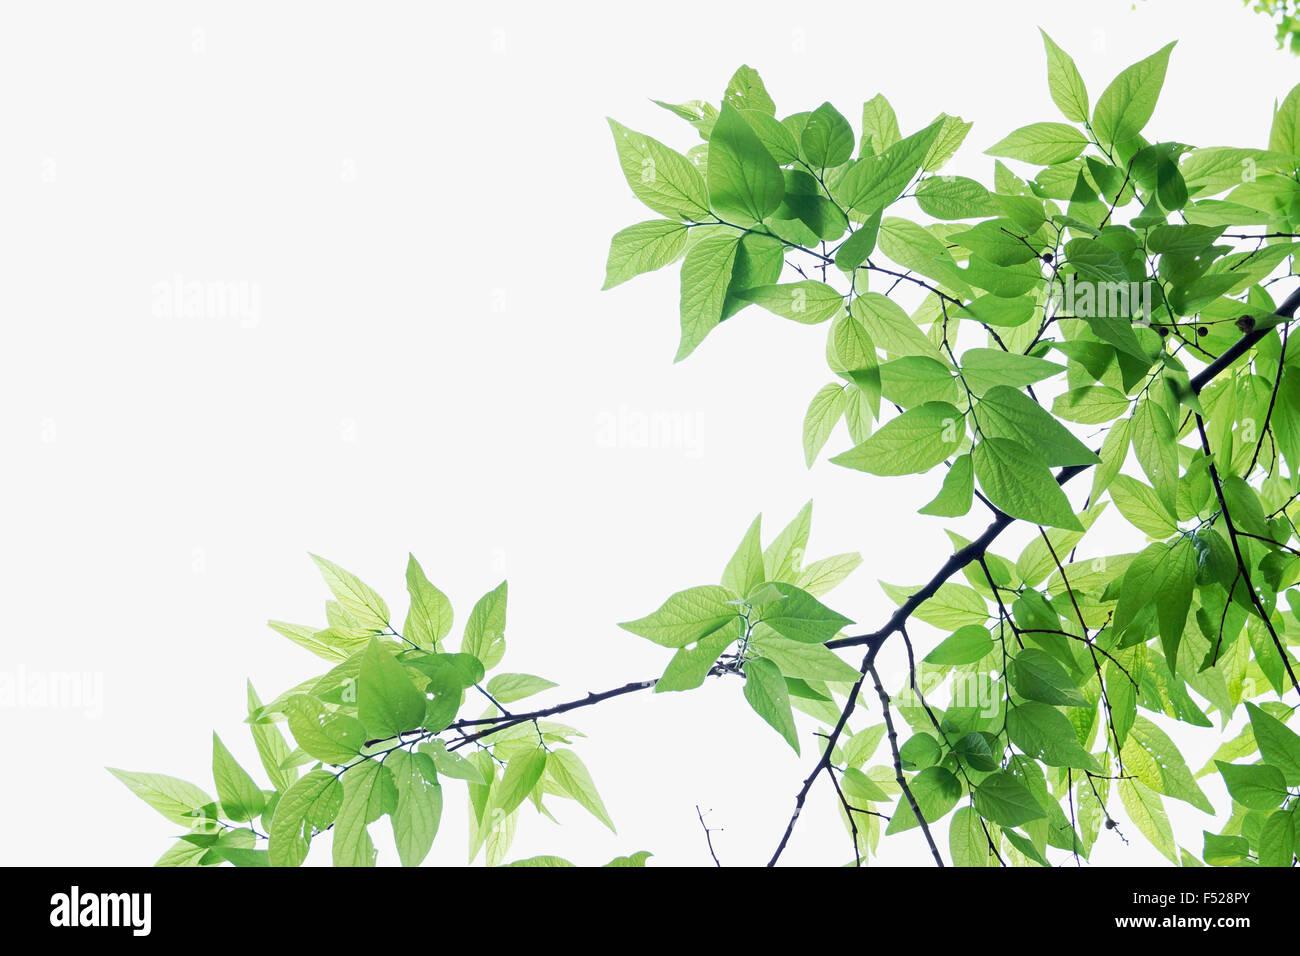 Un verde vibrante foglie su un cielo bianco sullo sfondo Immagini Stock